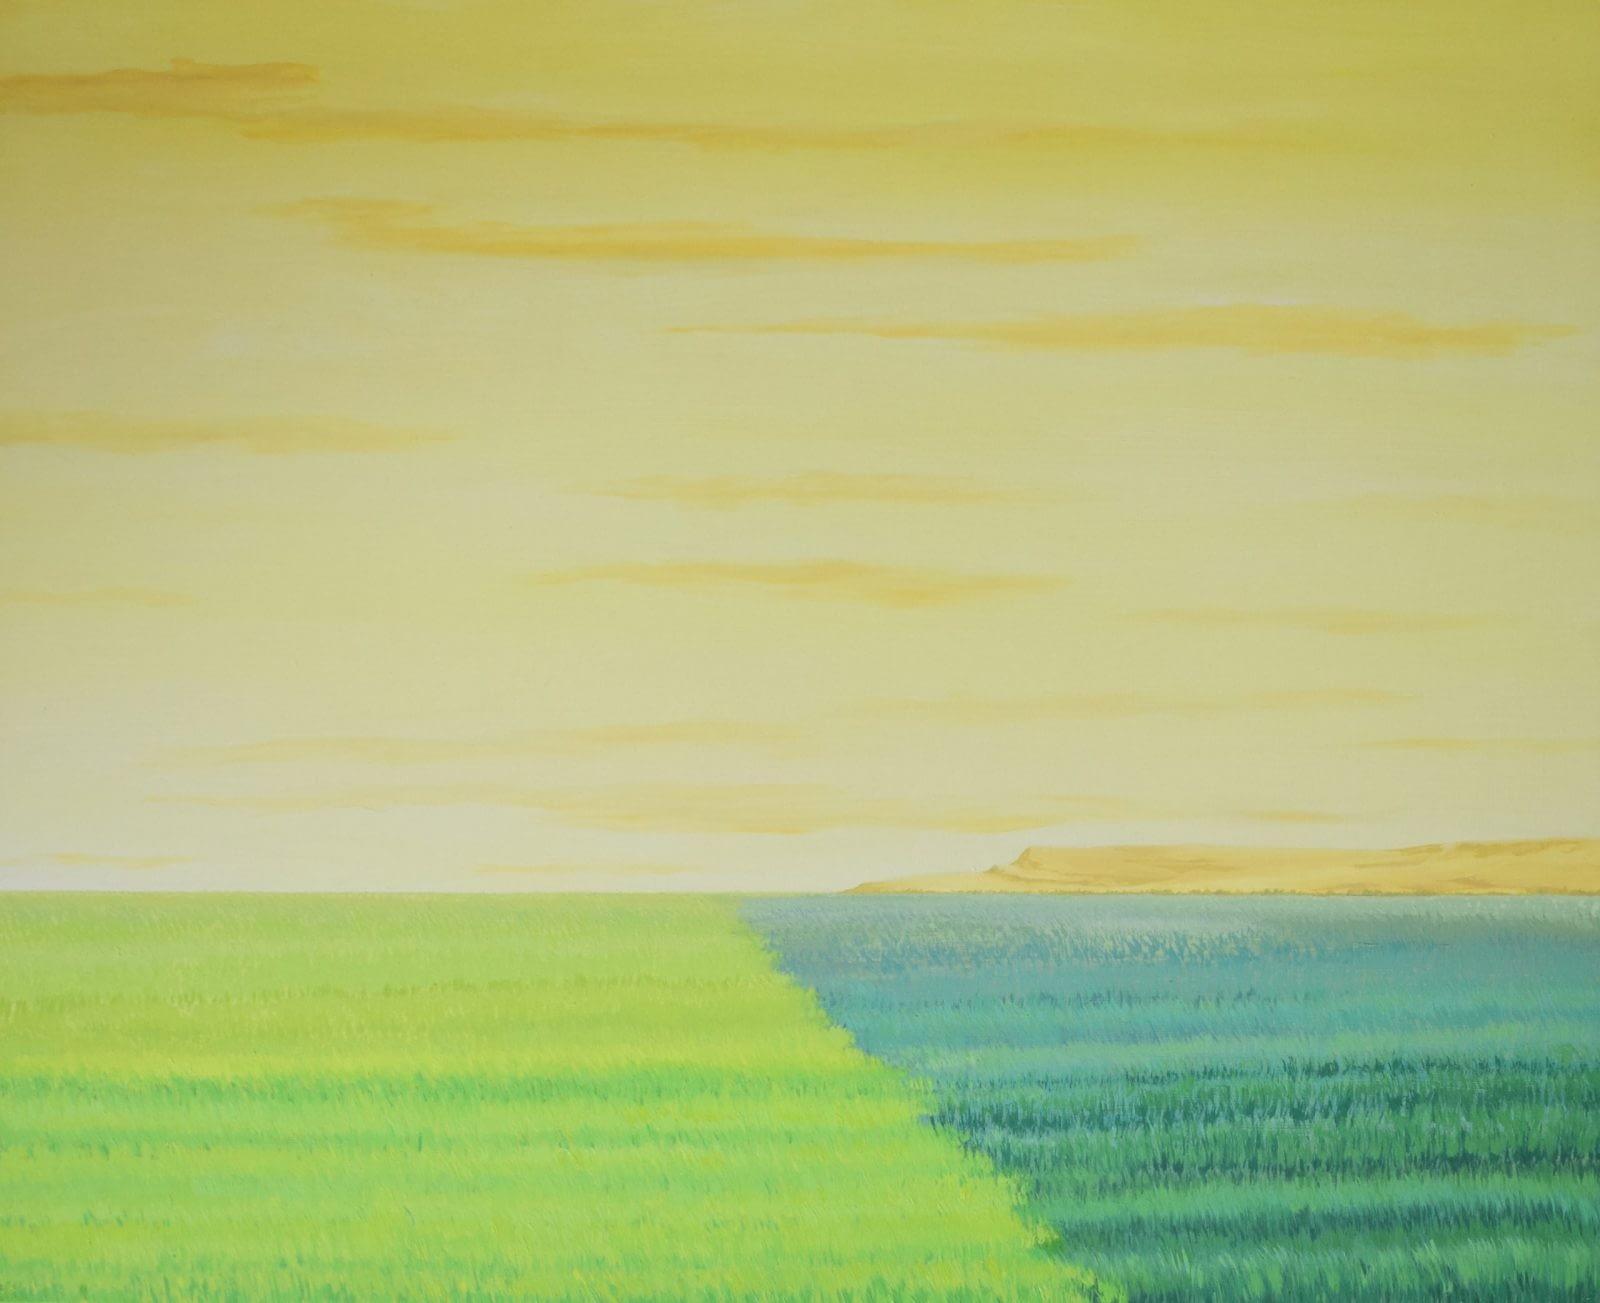 Del trigo y de la cebada